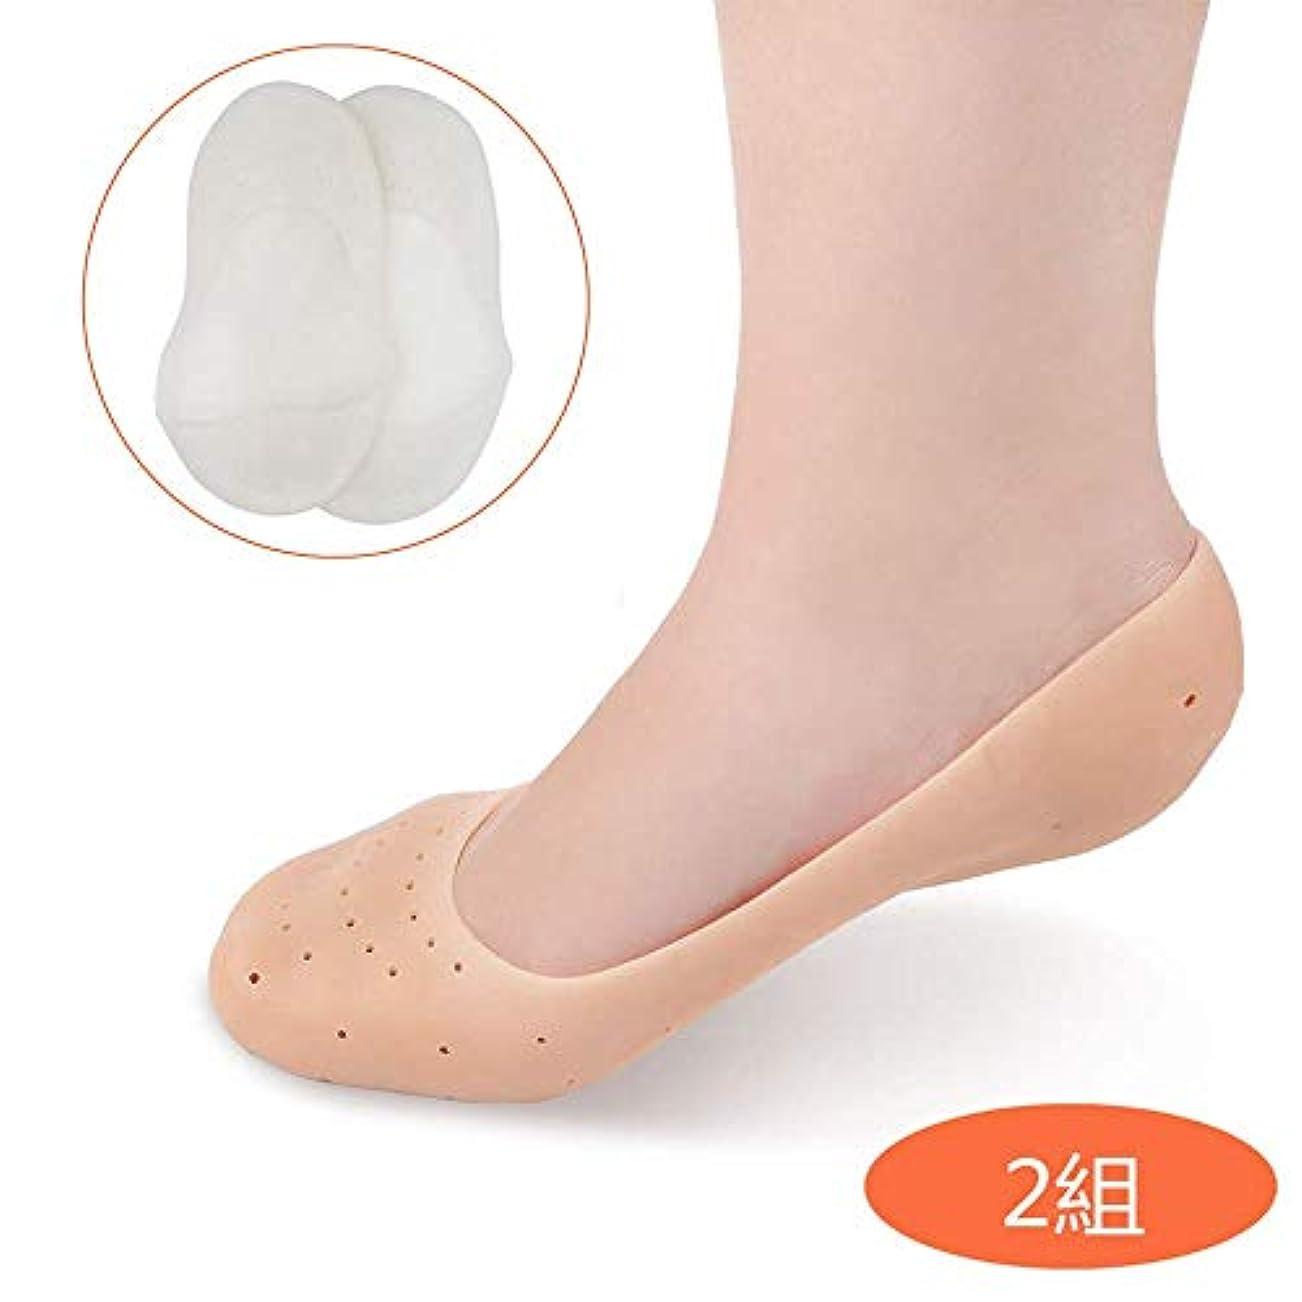 ブランド名大胆ホストシリコンソックス 靴下 かかとケア ヒールクラック防止 足ケア 保湿 角質ケア 皮膚保護 痛みの緩和 快適 通気性 男女兼用 (2組)